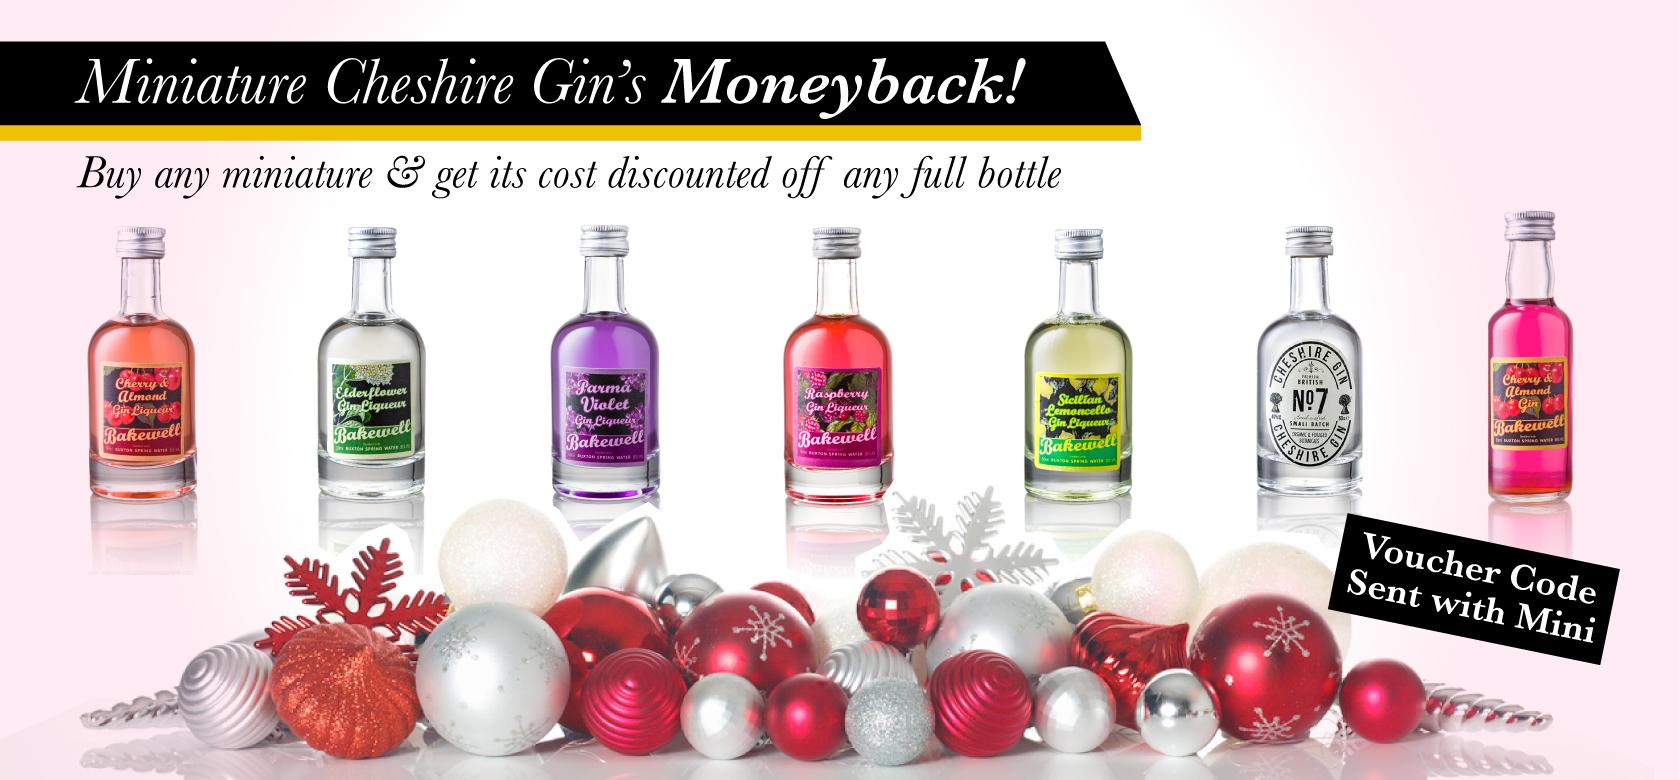 Cheshire Gin Miniatures